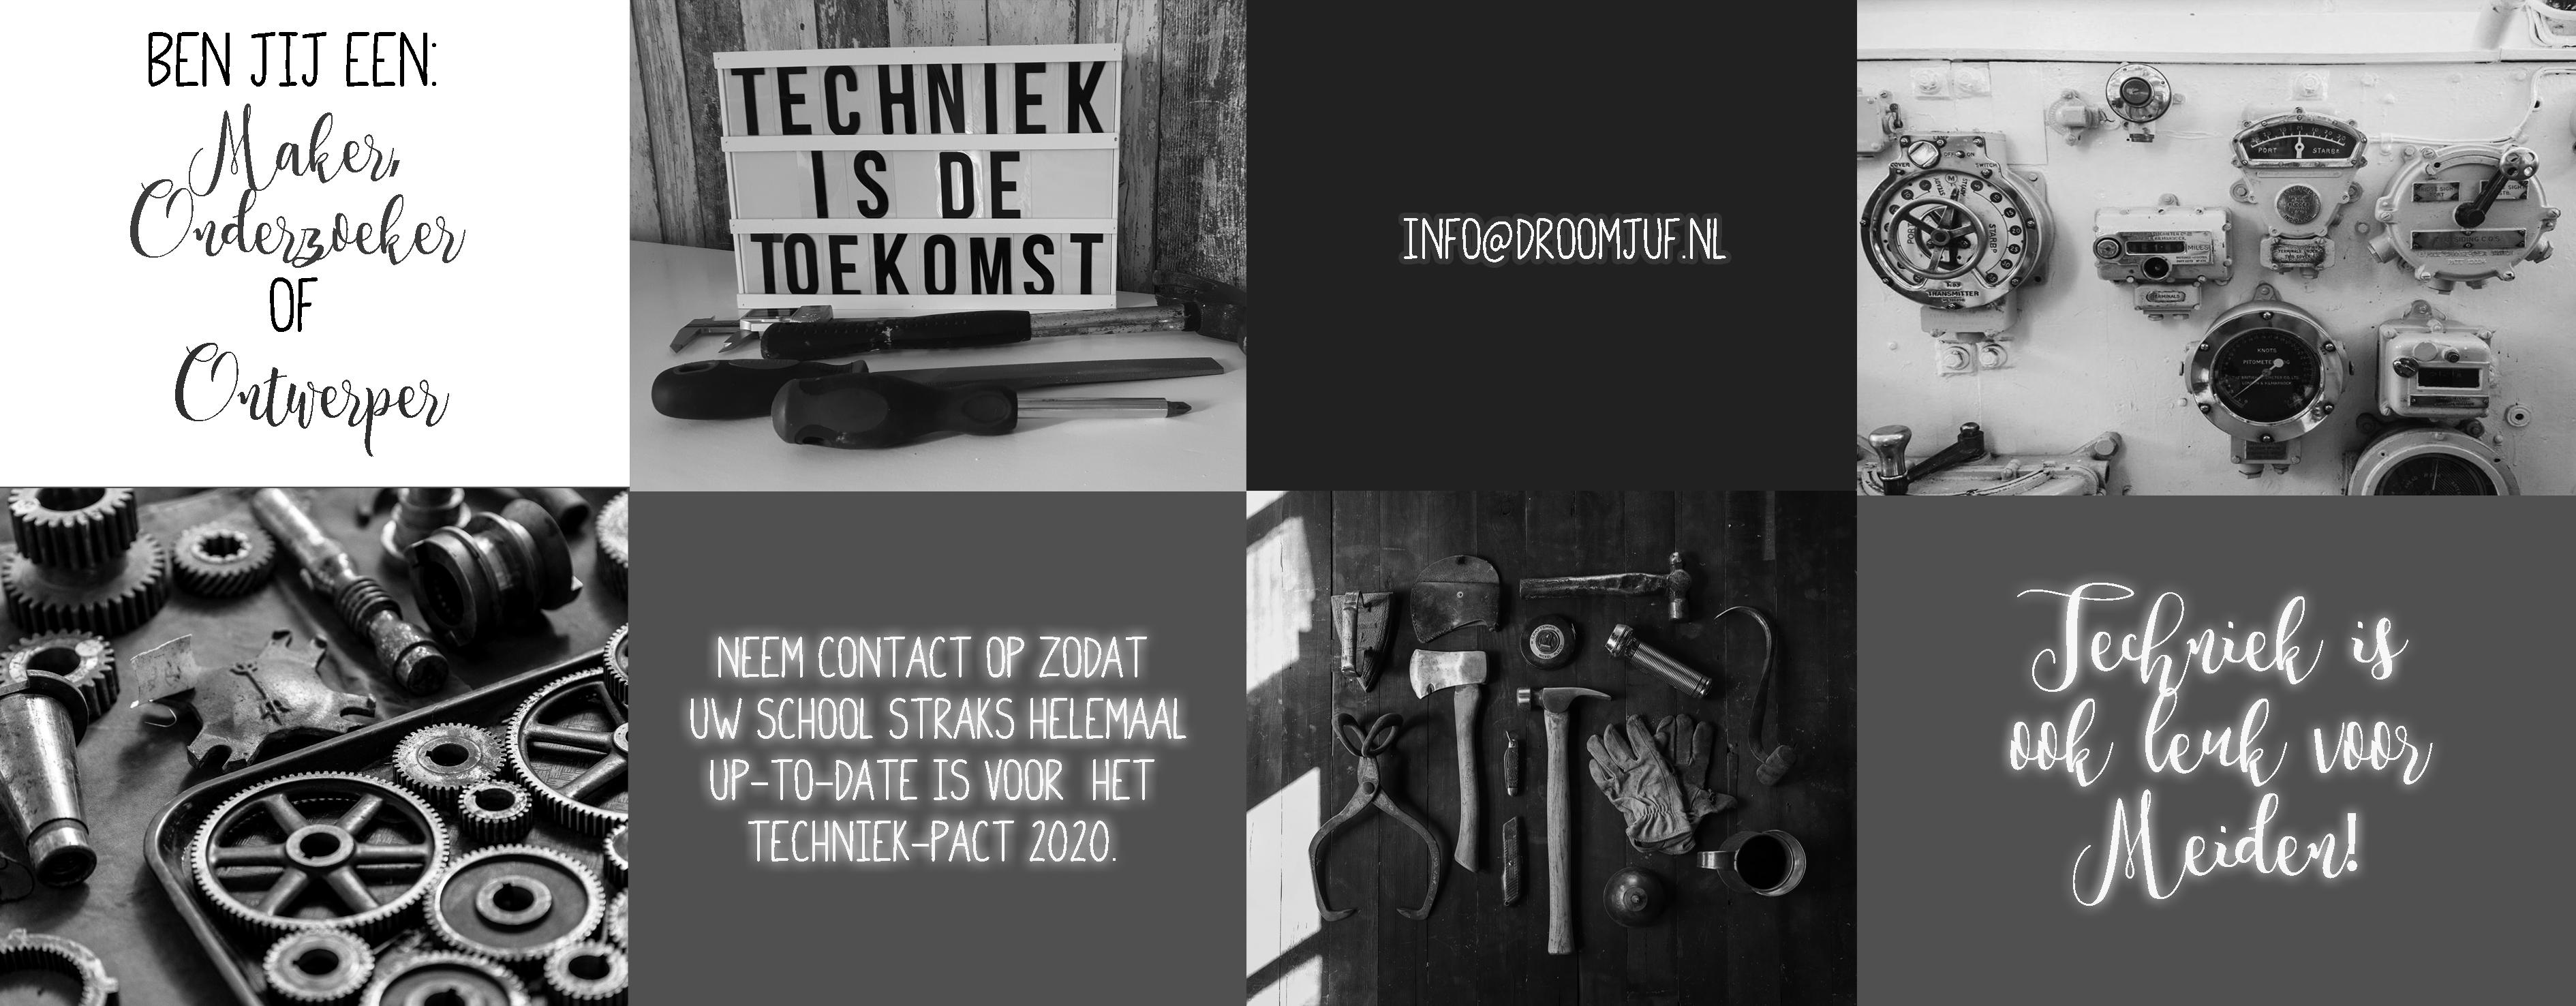 Uitzonderlijk Techniek in de klas – Droomjuf.nl QG58